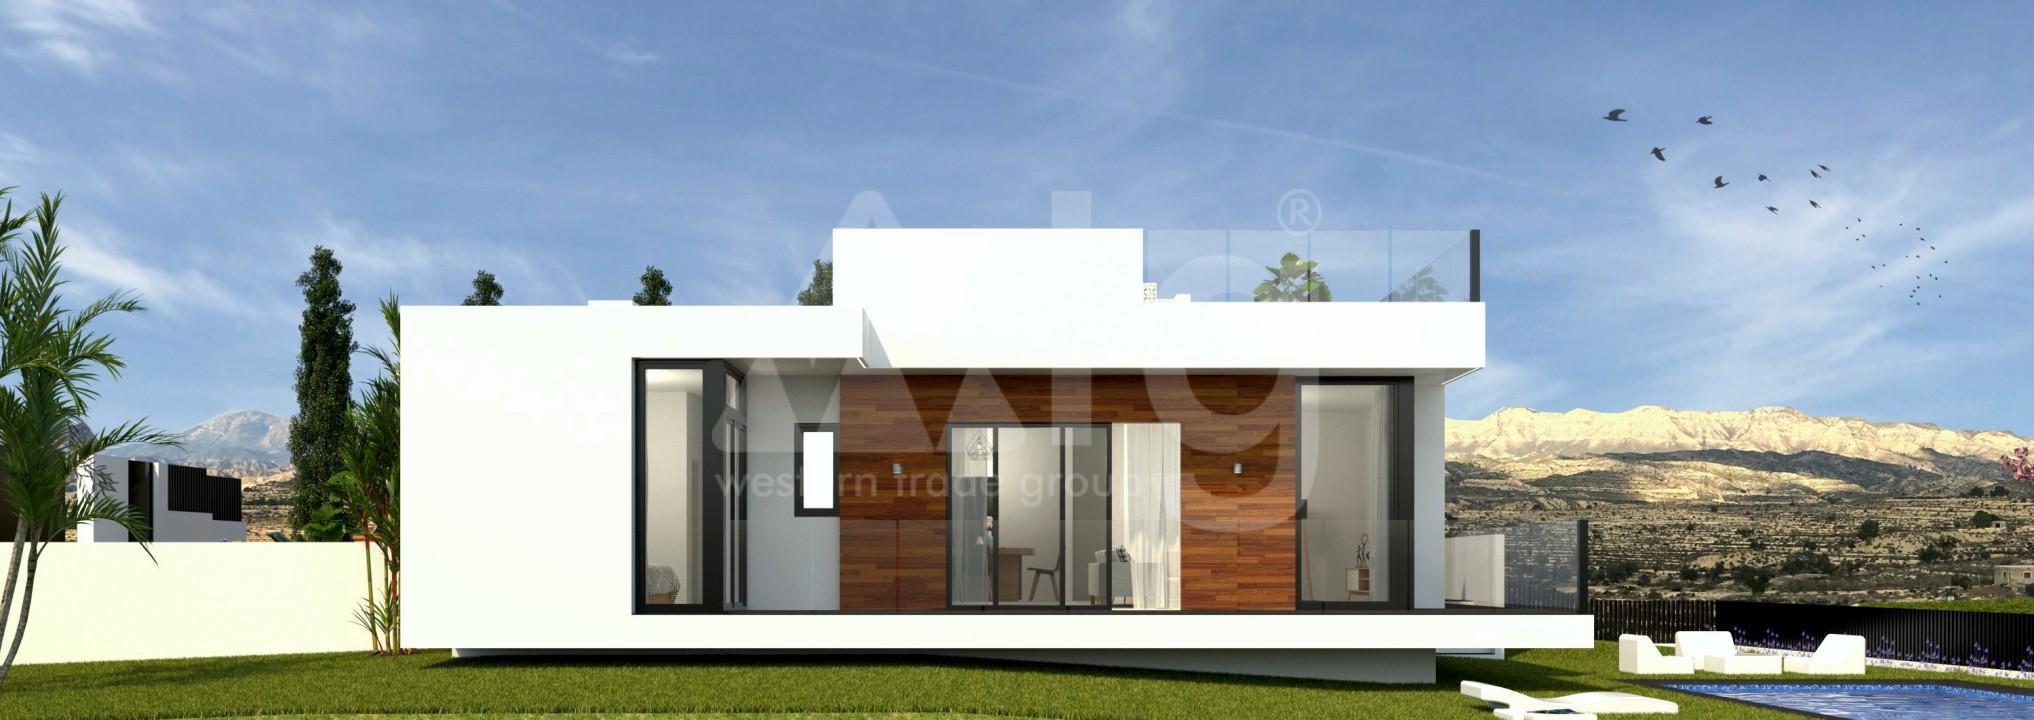 3 bedroom Villa in Busot  - IHA118873 - 6